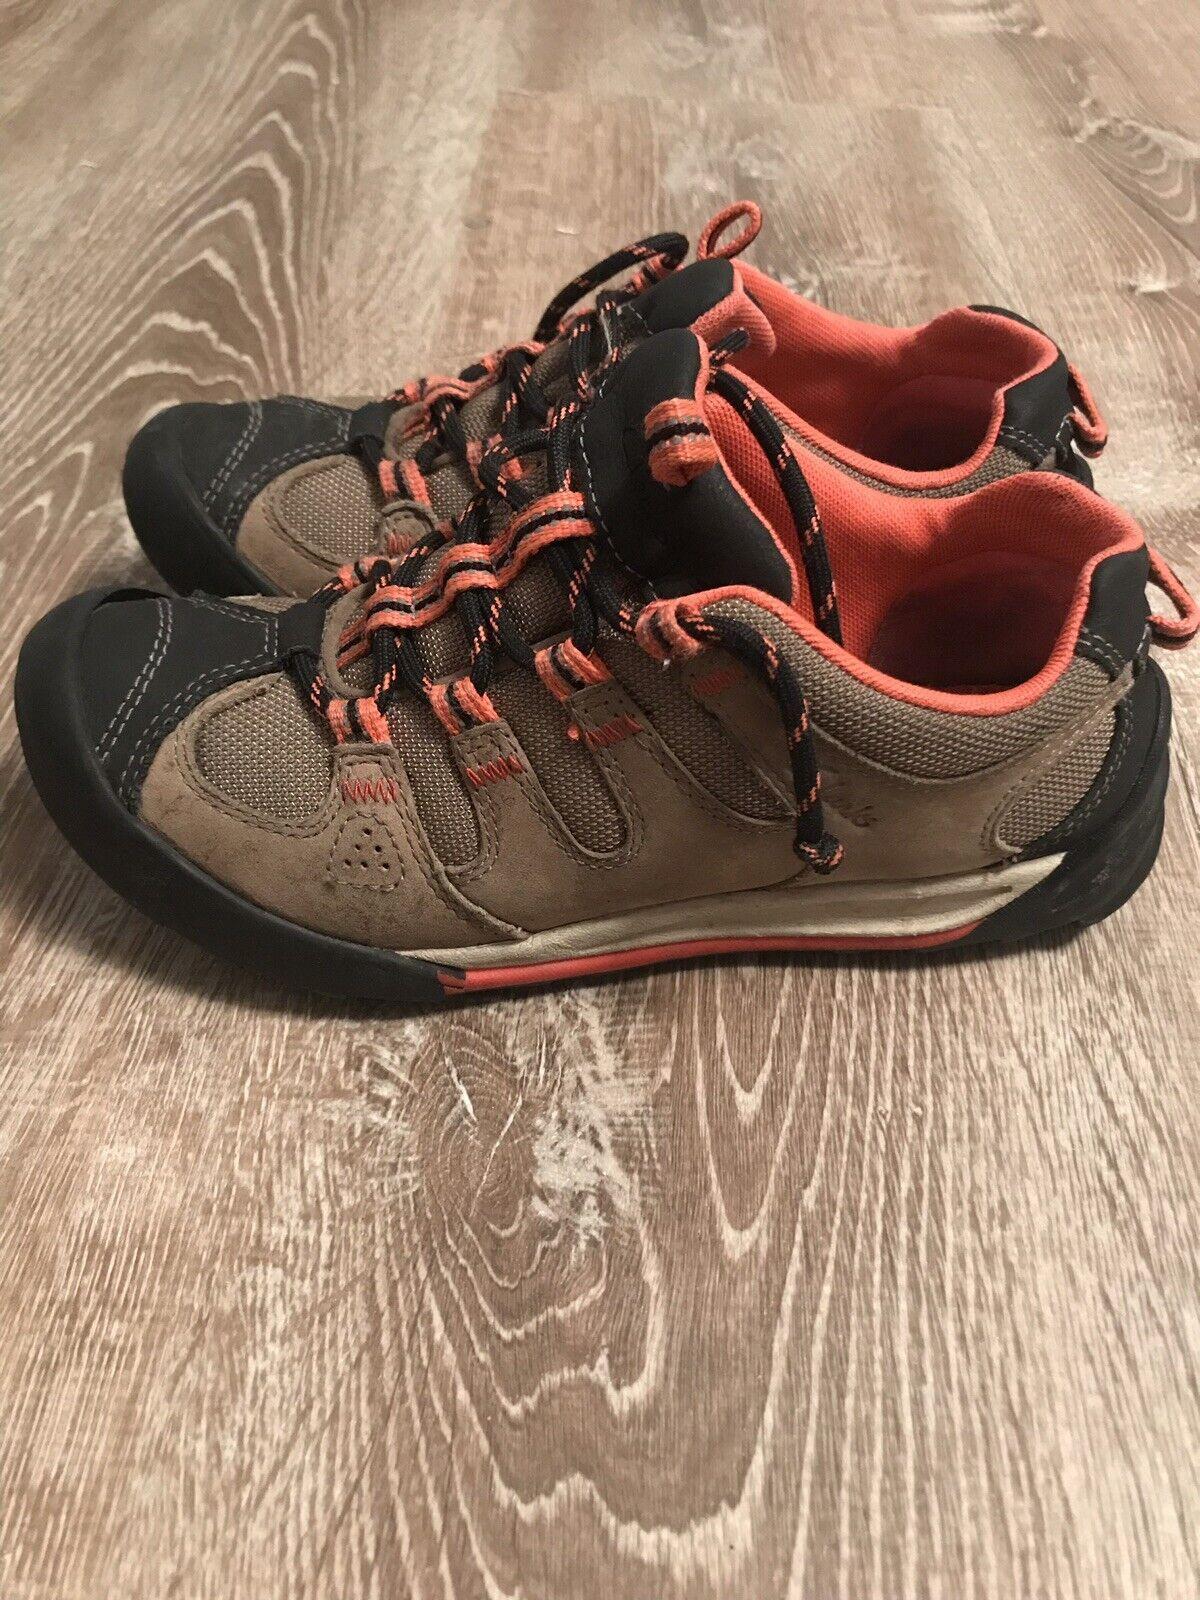 Clarks mujer Outlay South Nubuck Outdoor zapatillas Talla 5.5